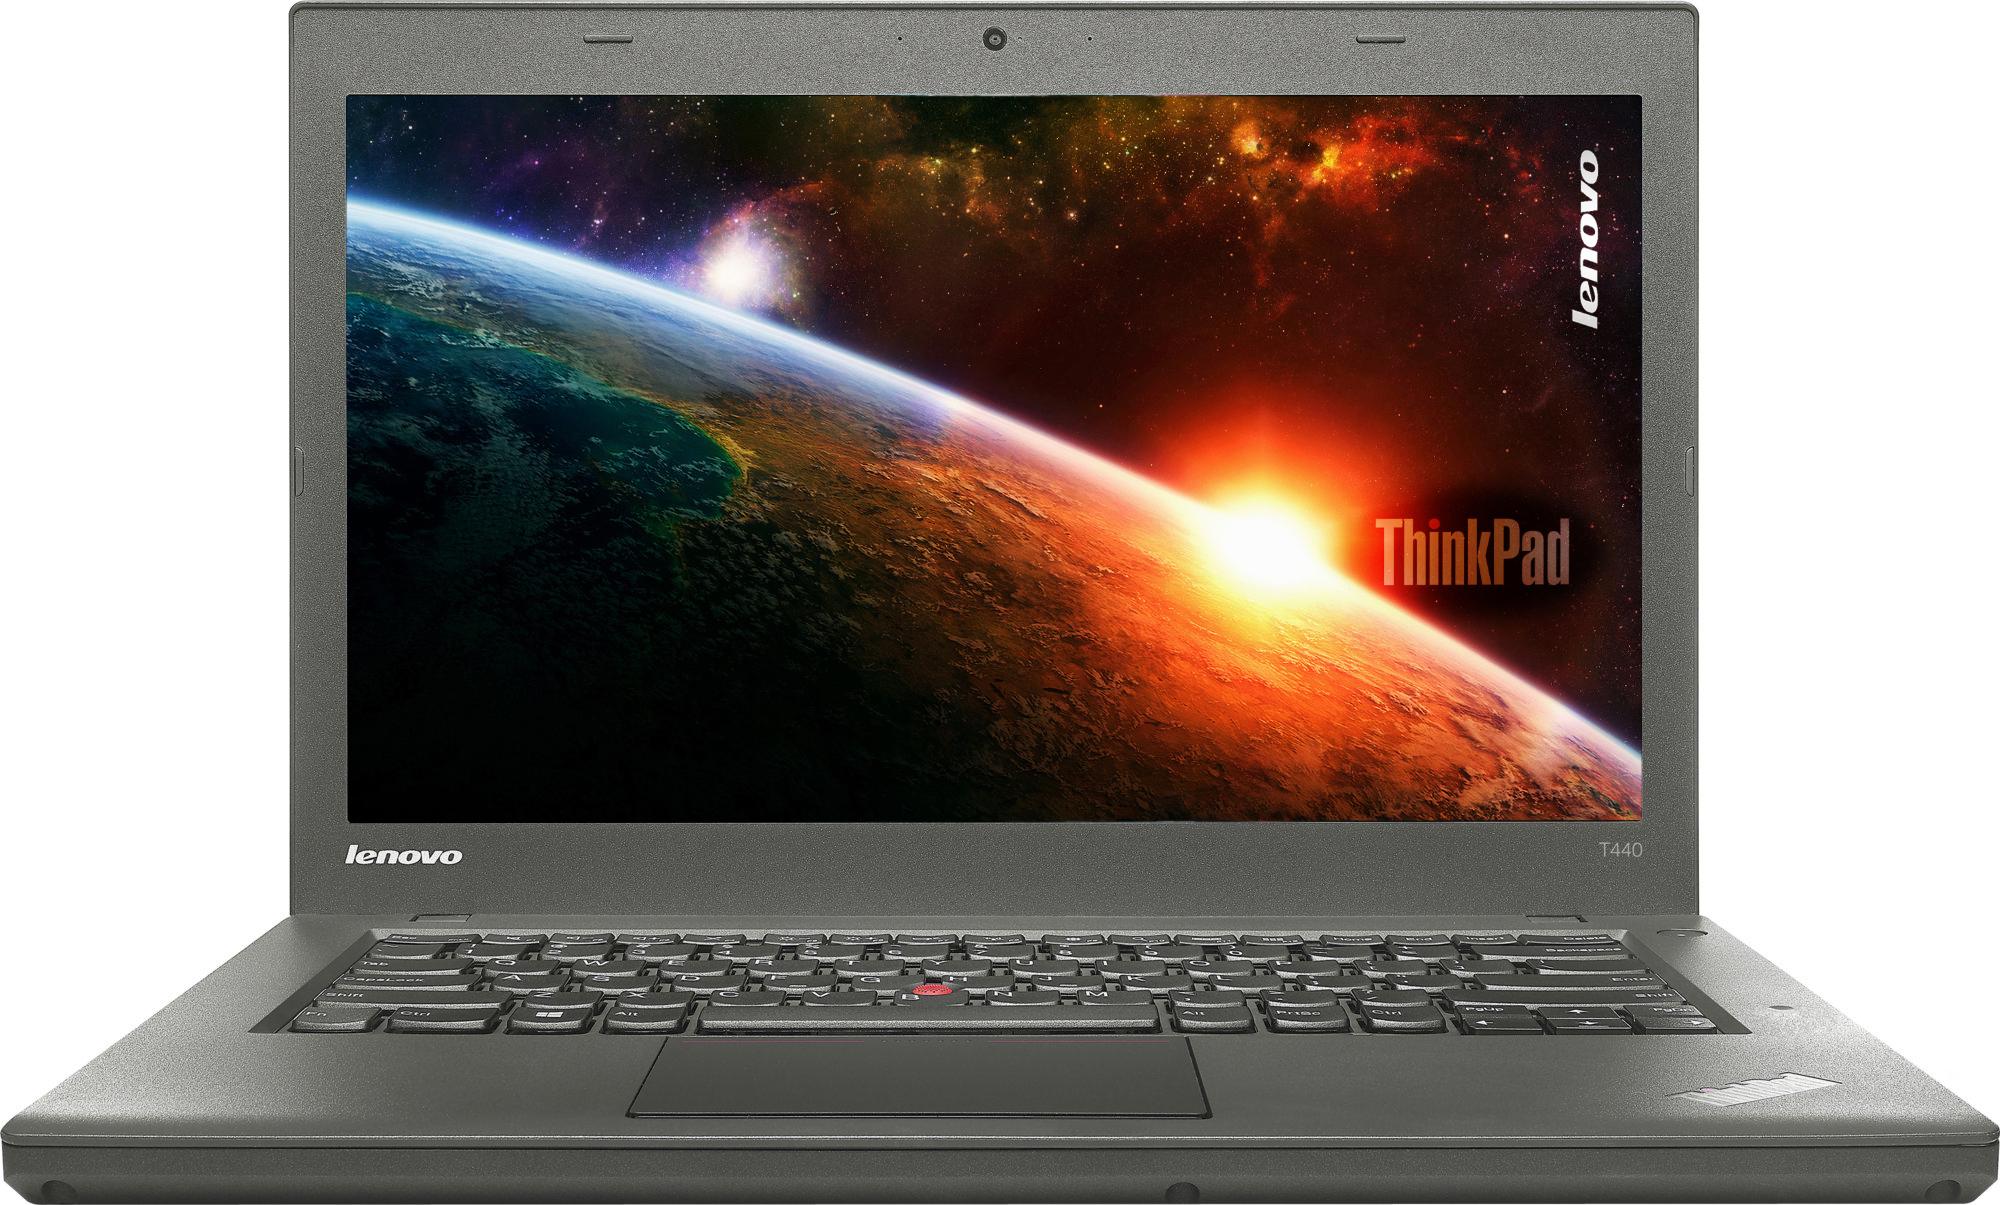 Lenovo ThinkPad T440